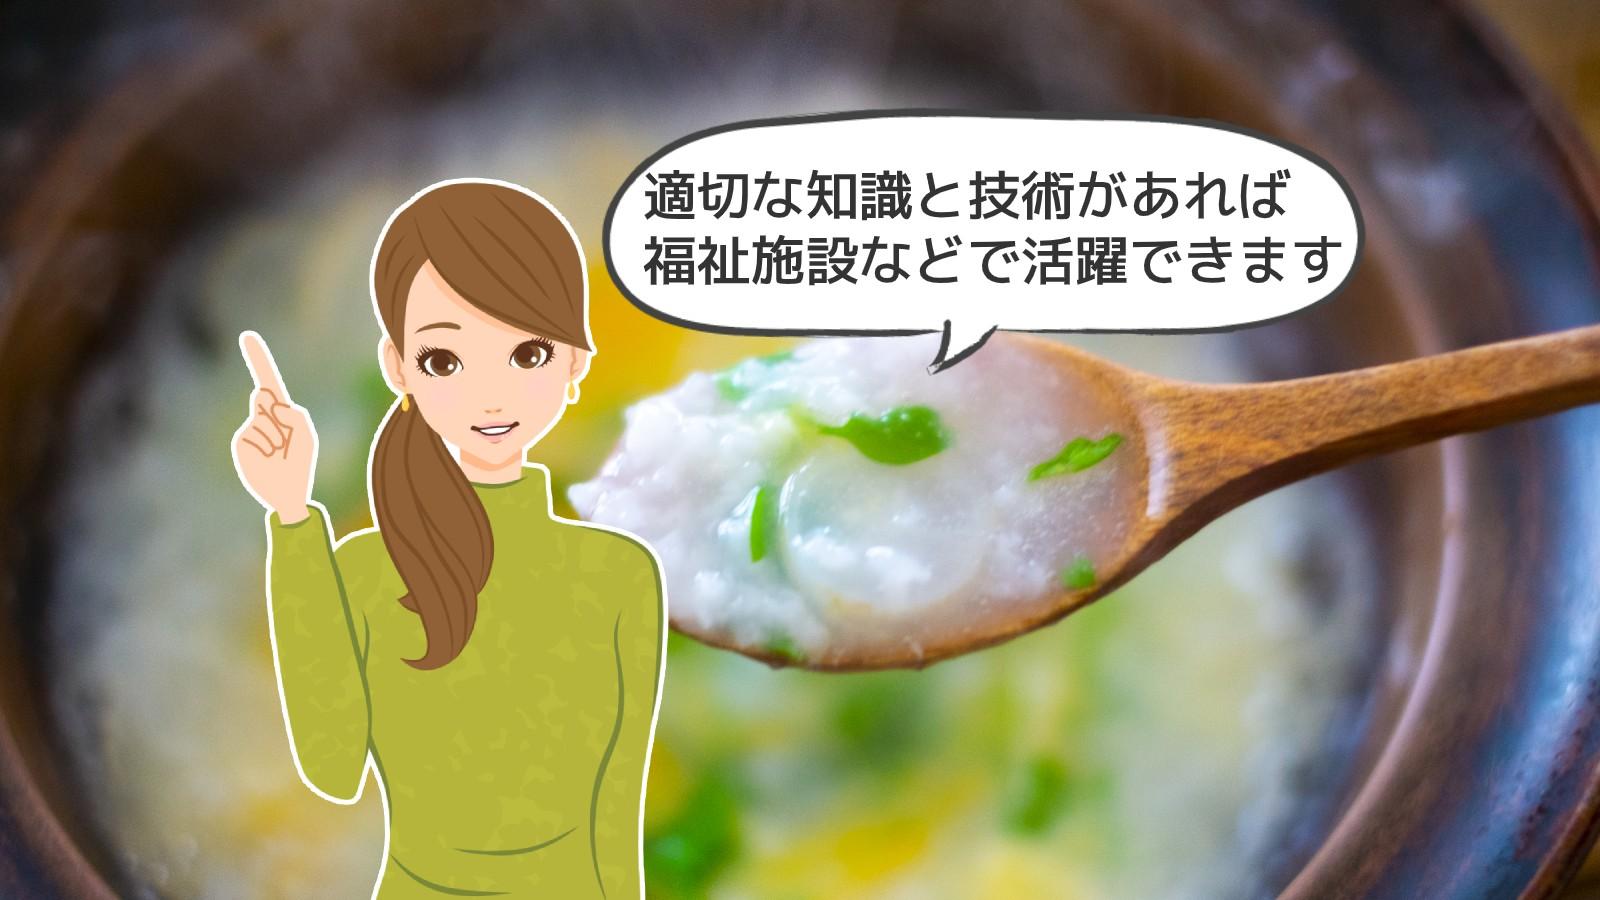 「介護食マイスター資格」のアイキャッチ画像